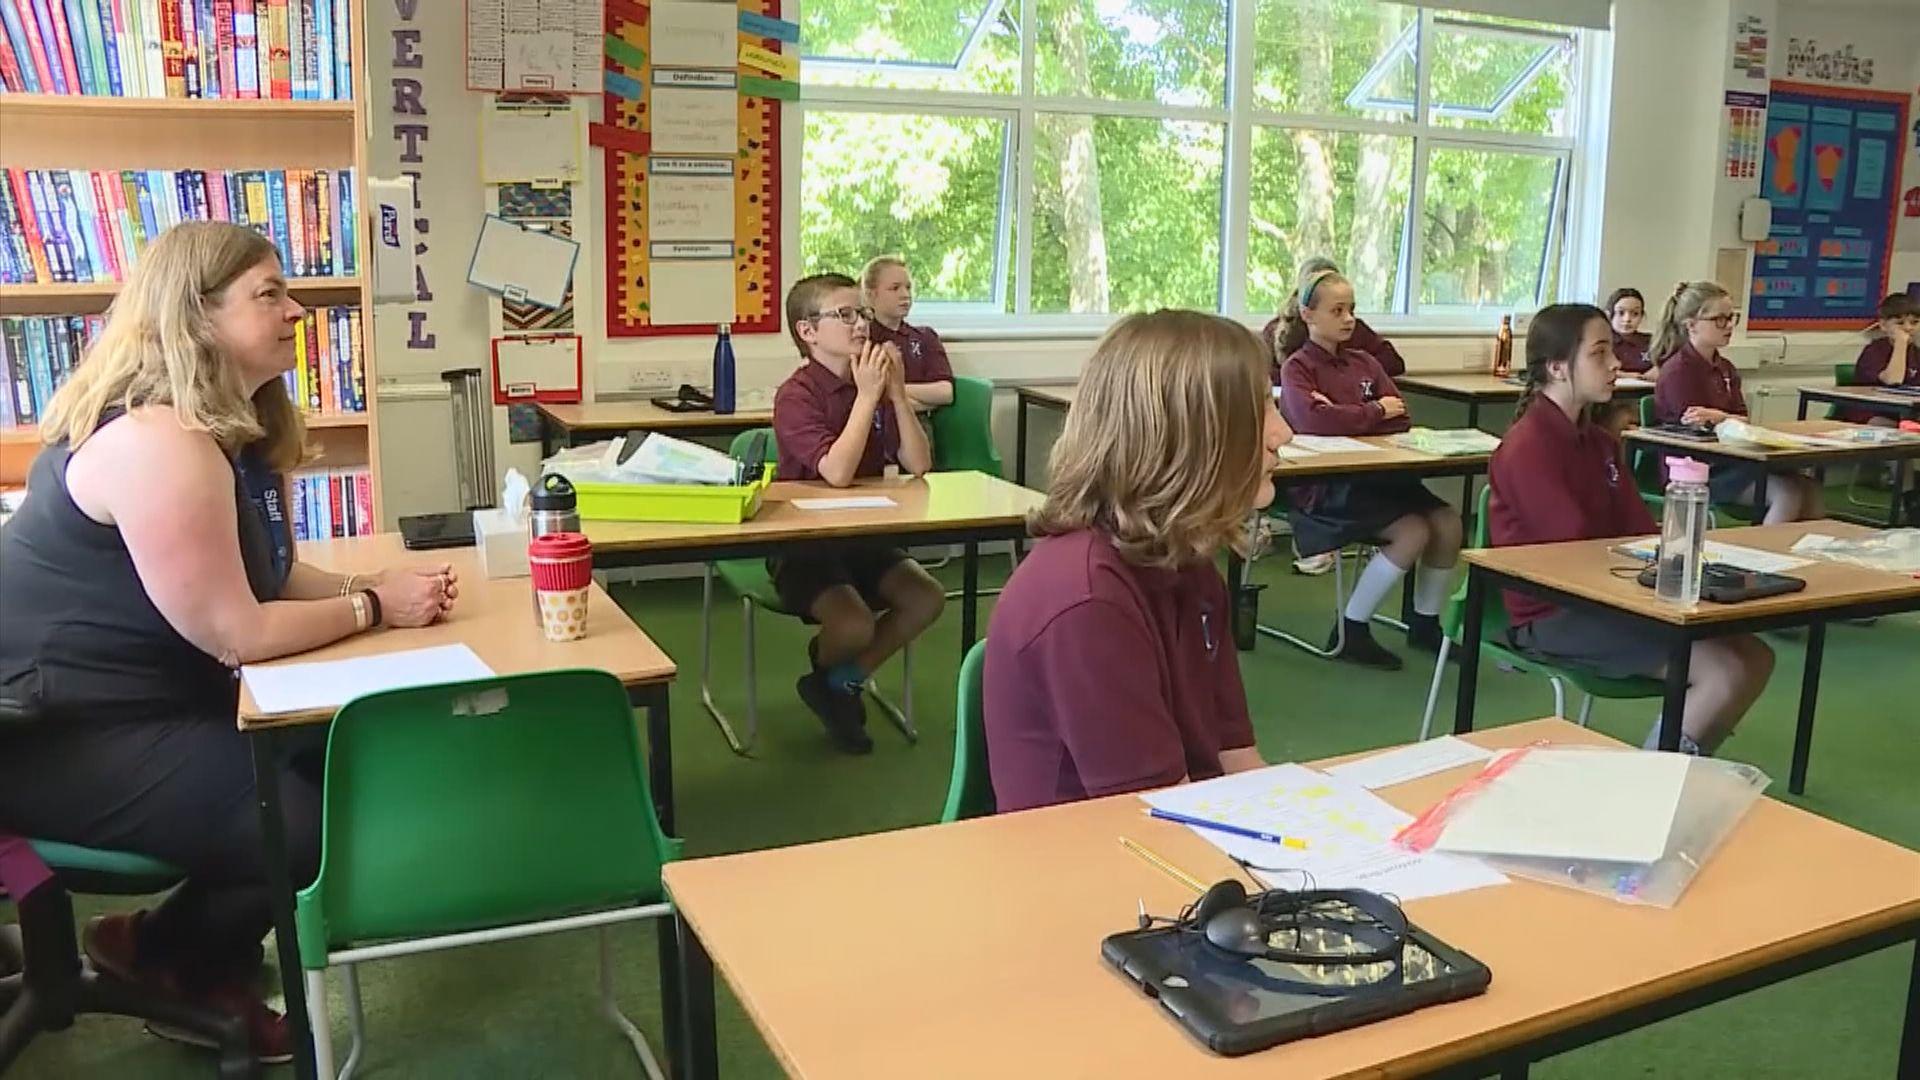 英國衞生顧問稱應讓學童重返校園